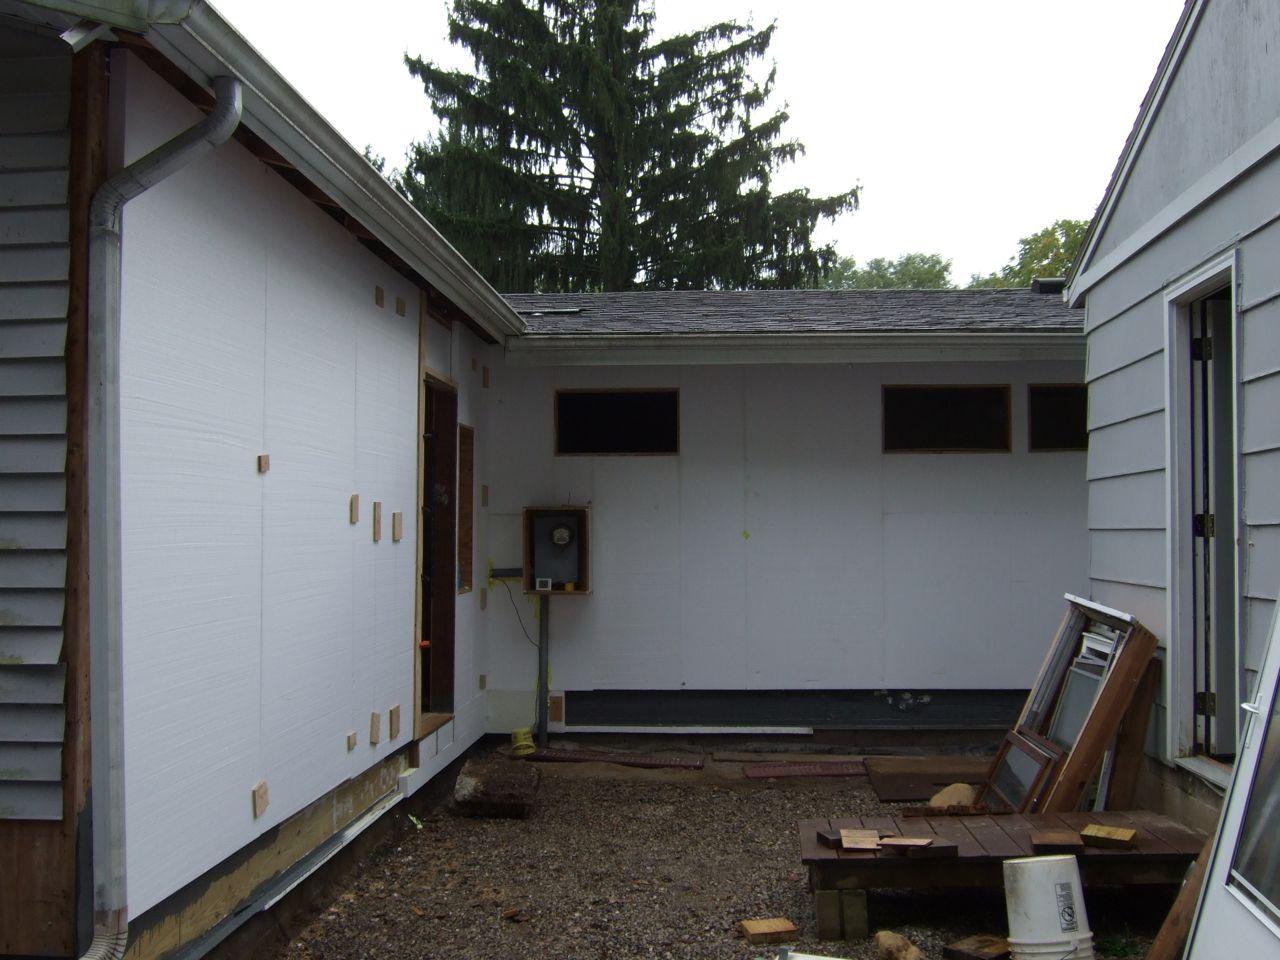 http://2.bp.blogspot.com/-0XcDEobE5sk/TqTBZ9i-XPI/AAAAAAAAALs/HzOVqtSeTEY/s1600/foam+wall.jpg